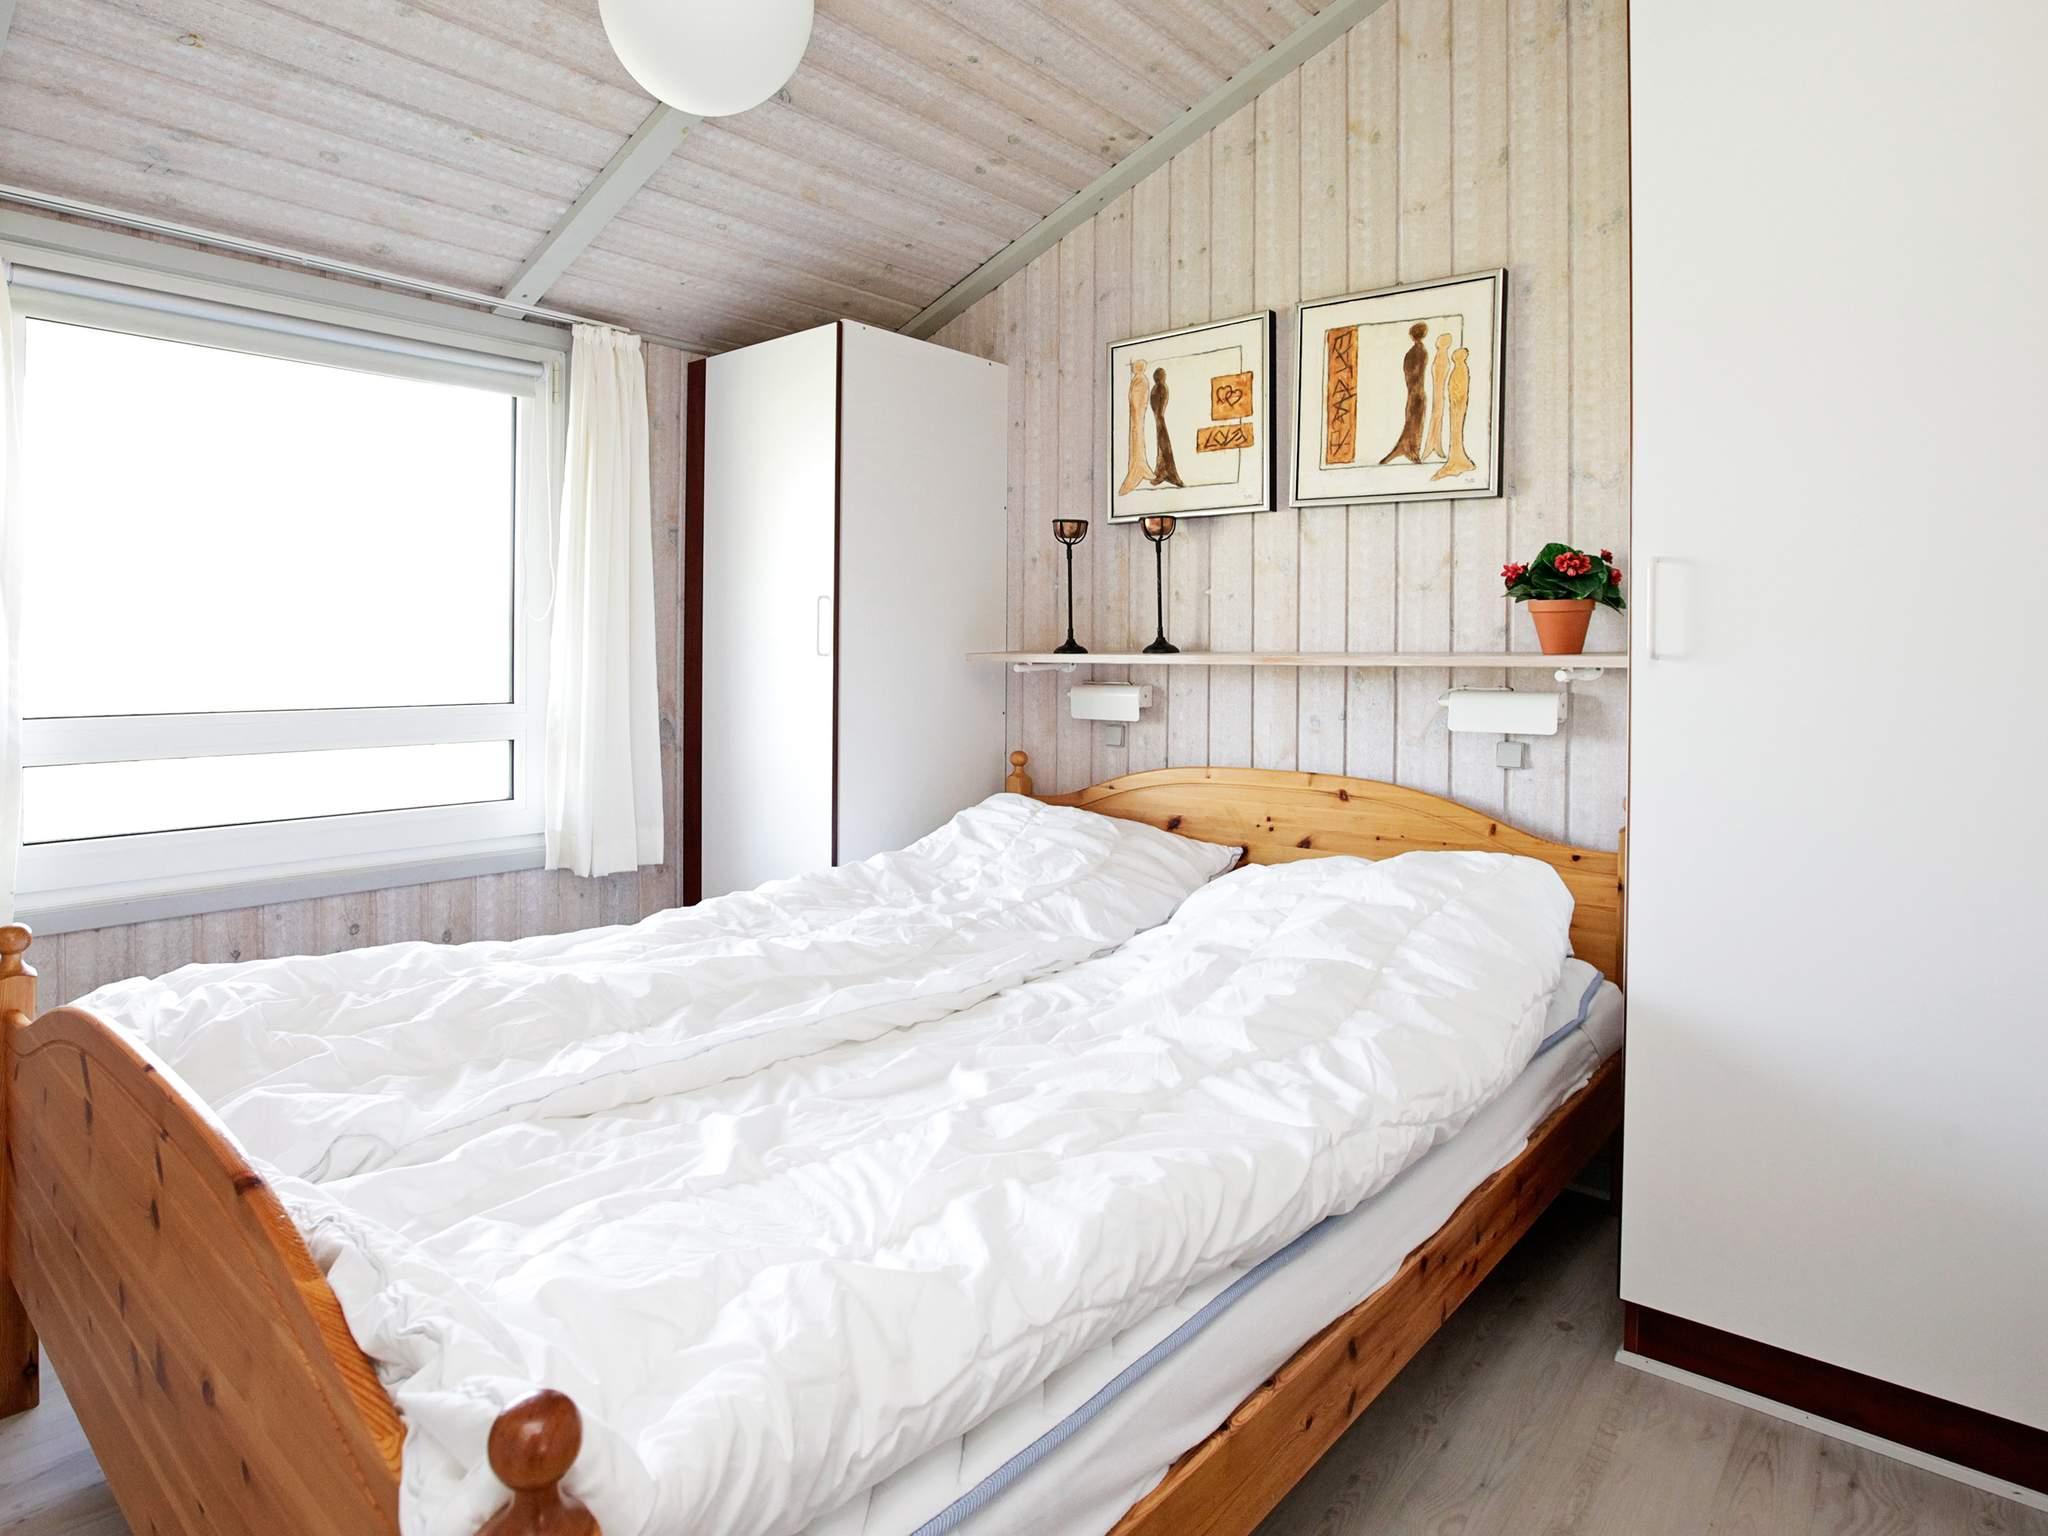 Ferienhaus Bjerregård (93525), Bjerregård, , Westjütland, Dänemark, Bild 8